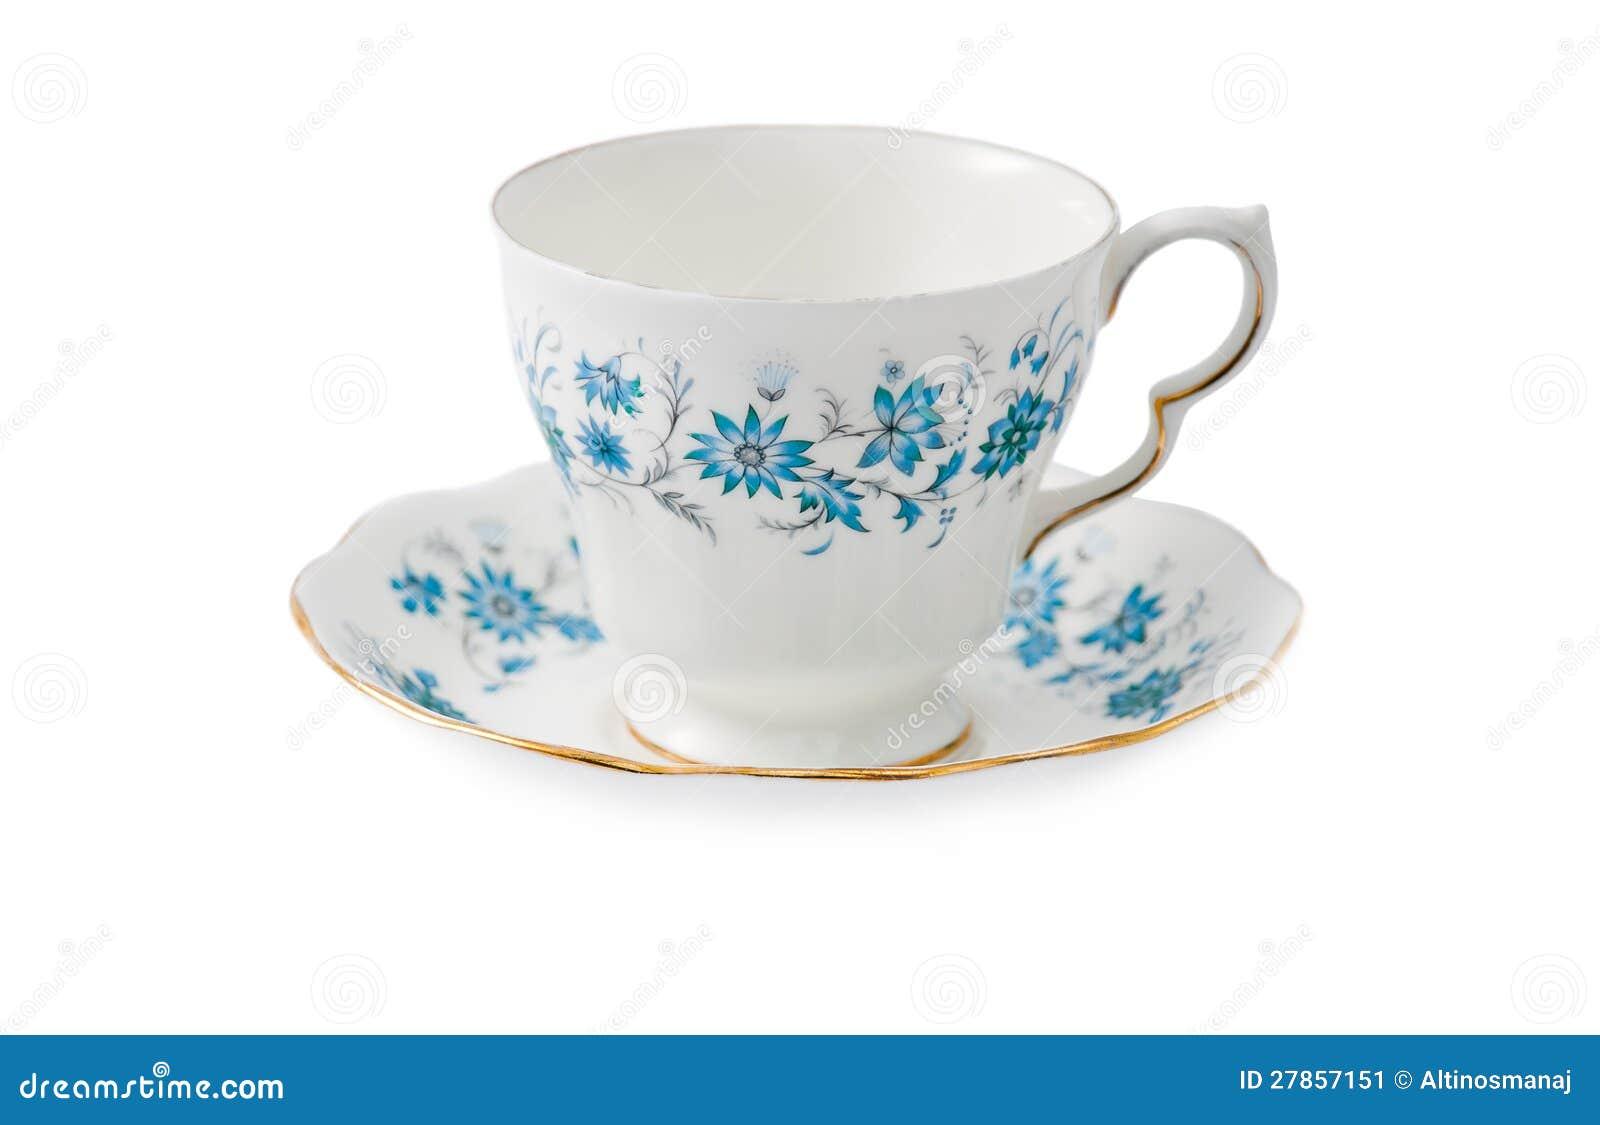 Porcelanowej porcelany herbaciana filiżanka - kwiatu projekt